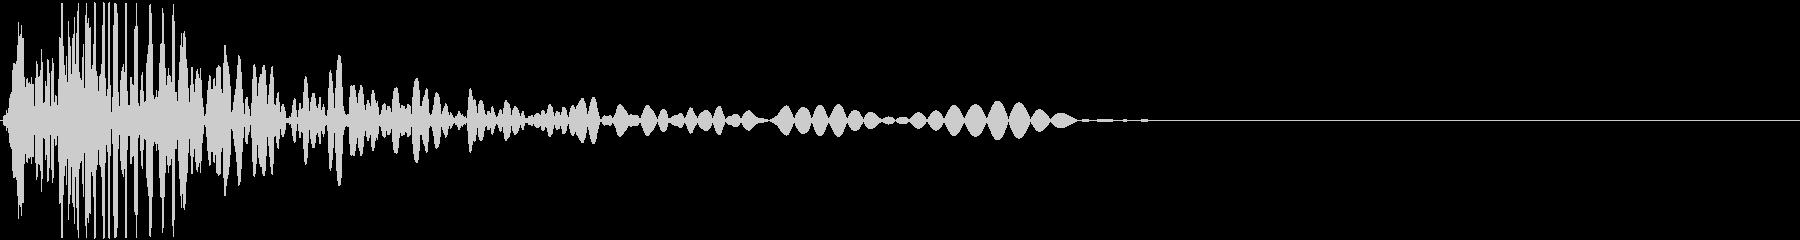 肉体が空を切る(打撃、かわす)イメージの未再生の波形